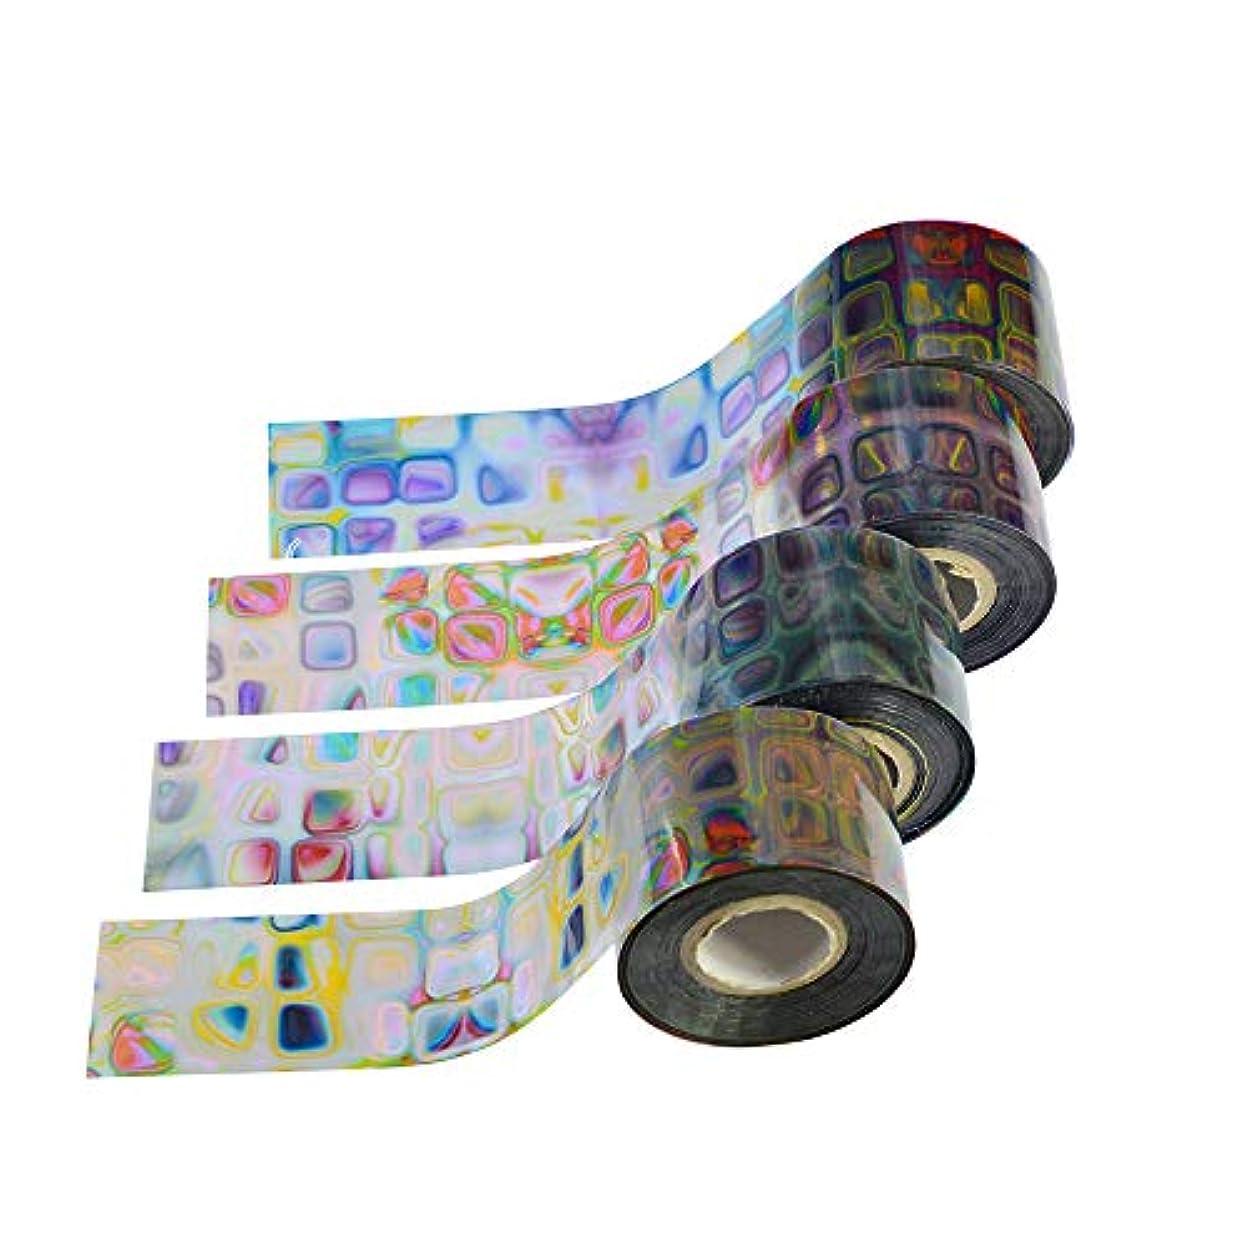 債務者心配連帯SUKTI&XIAO ネイルステッカー 16ロール迷路グラデーション星空スカイホイルネイルアート転写ステッカーデカールラップマニキュア装飾diy接着剤